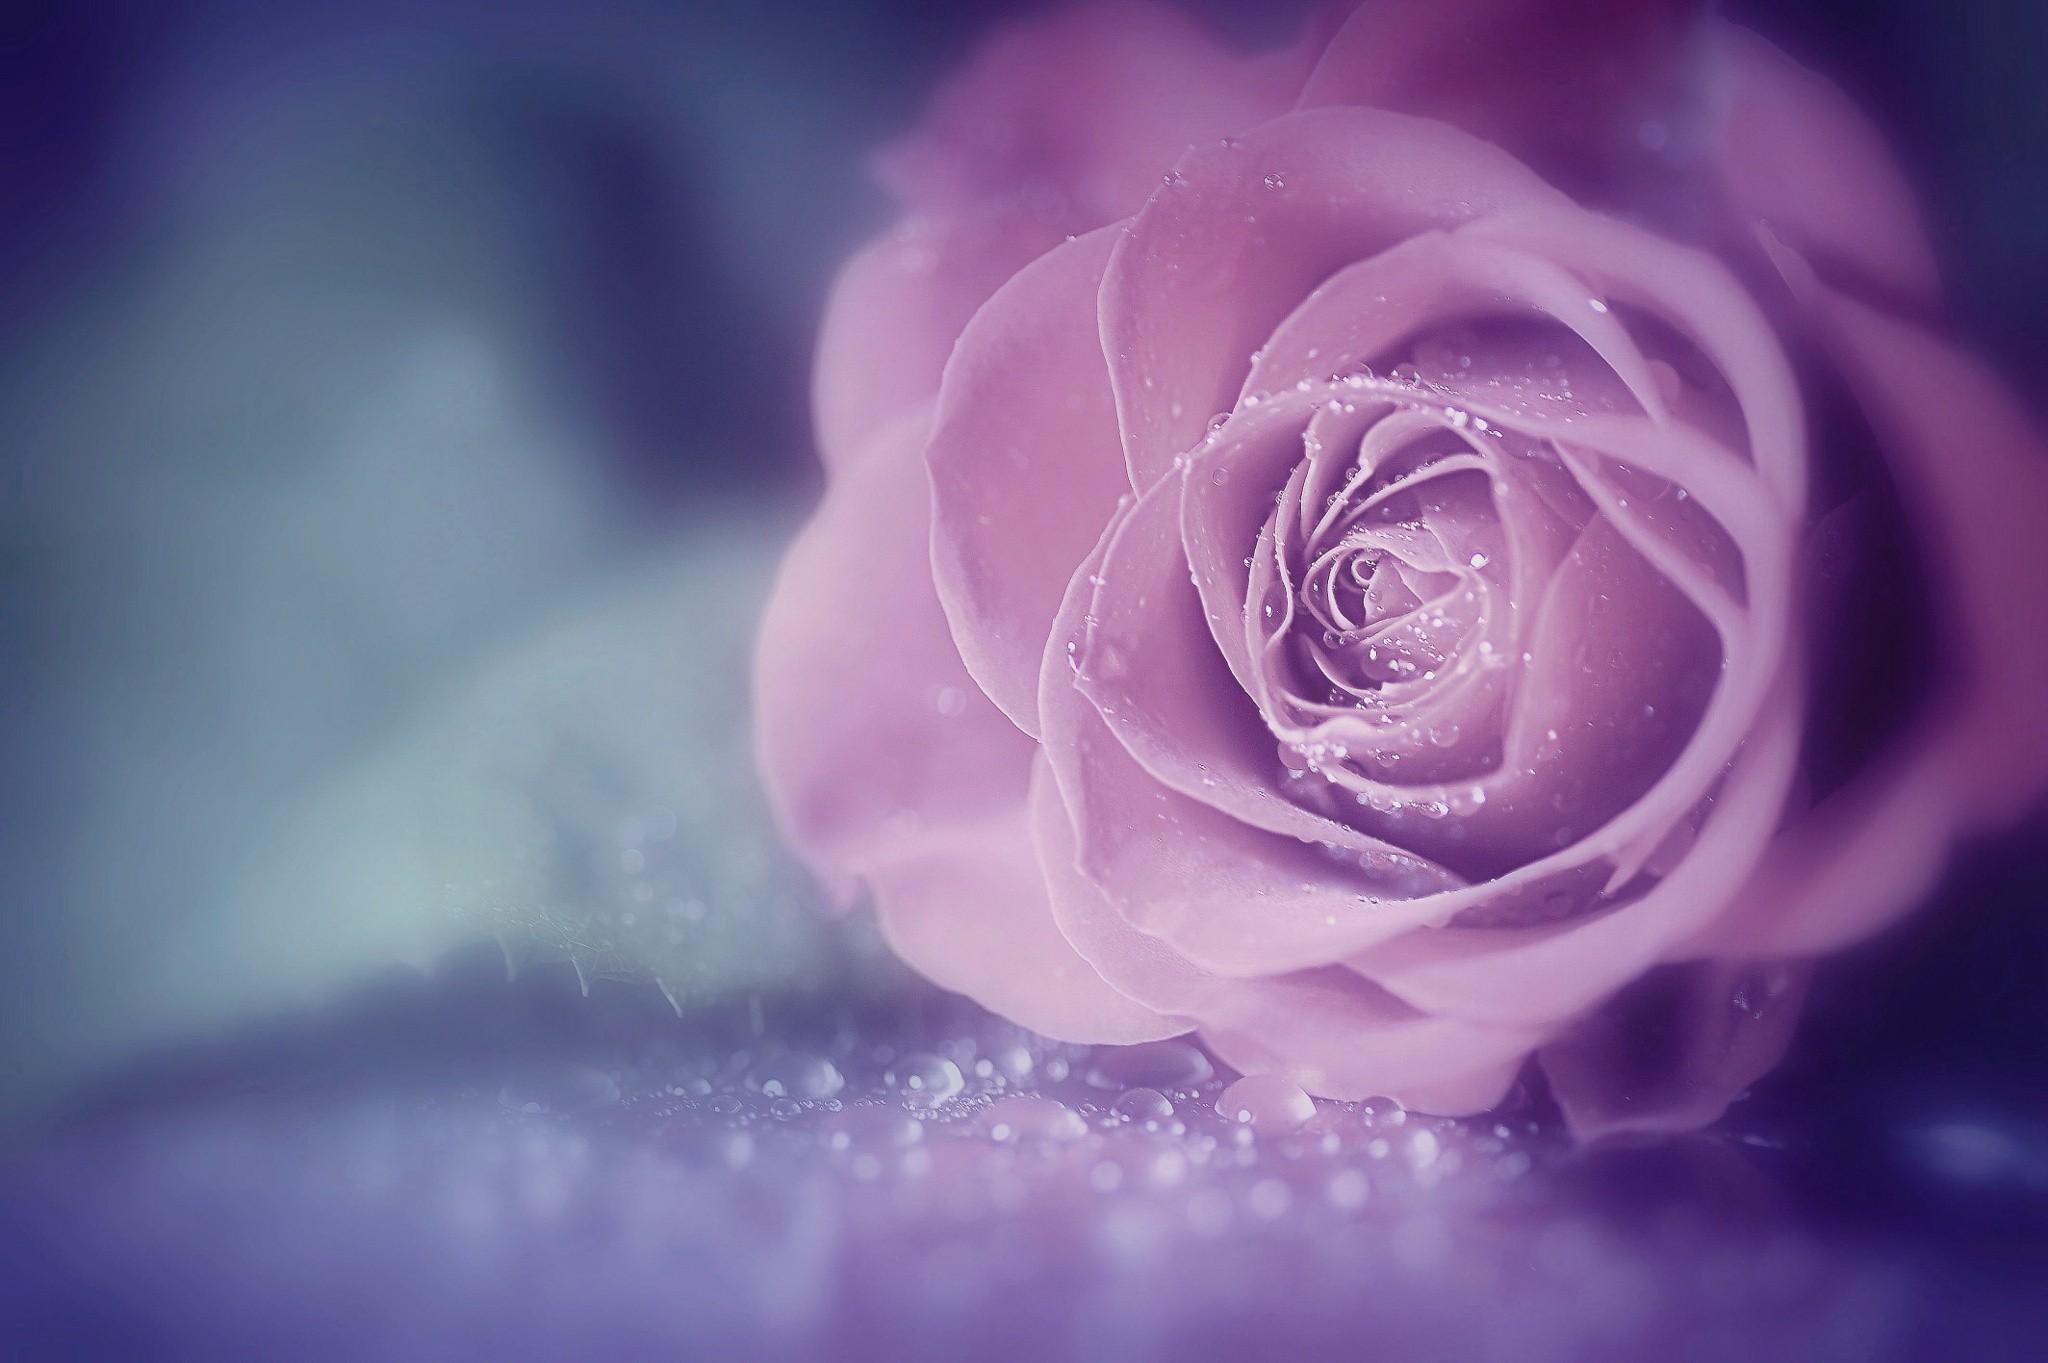 Sfondi Fiori Viola Blu Fiorire Fiore Petalo Sfondo Del